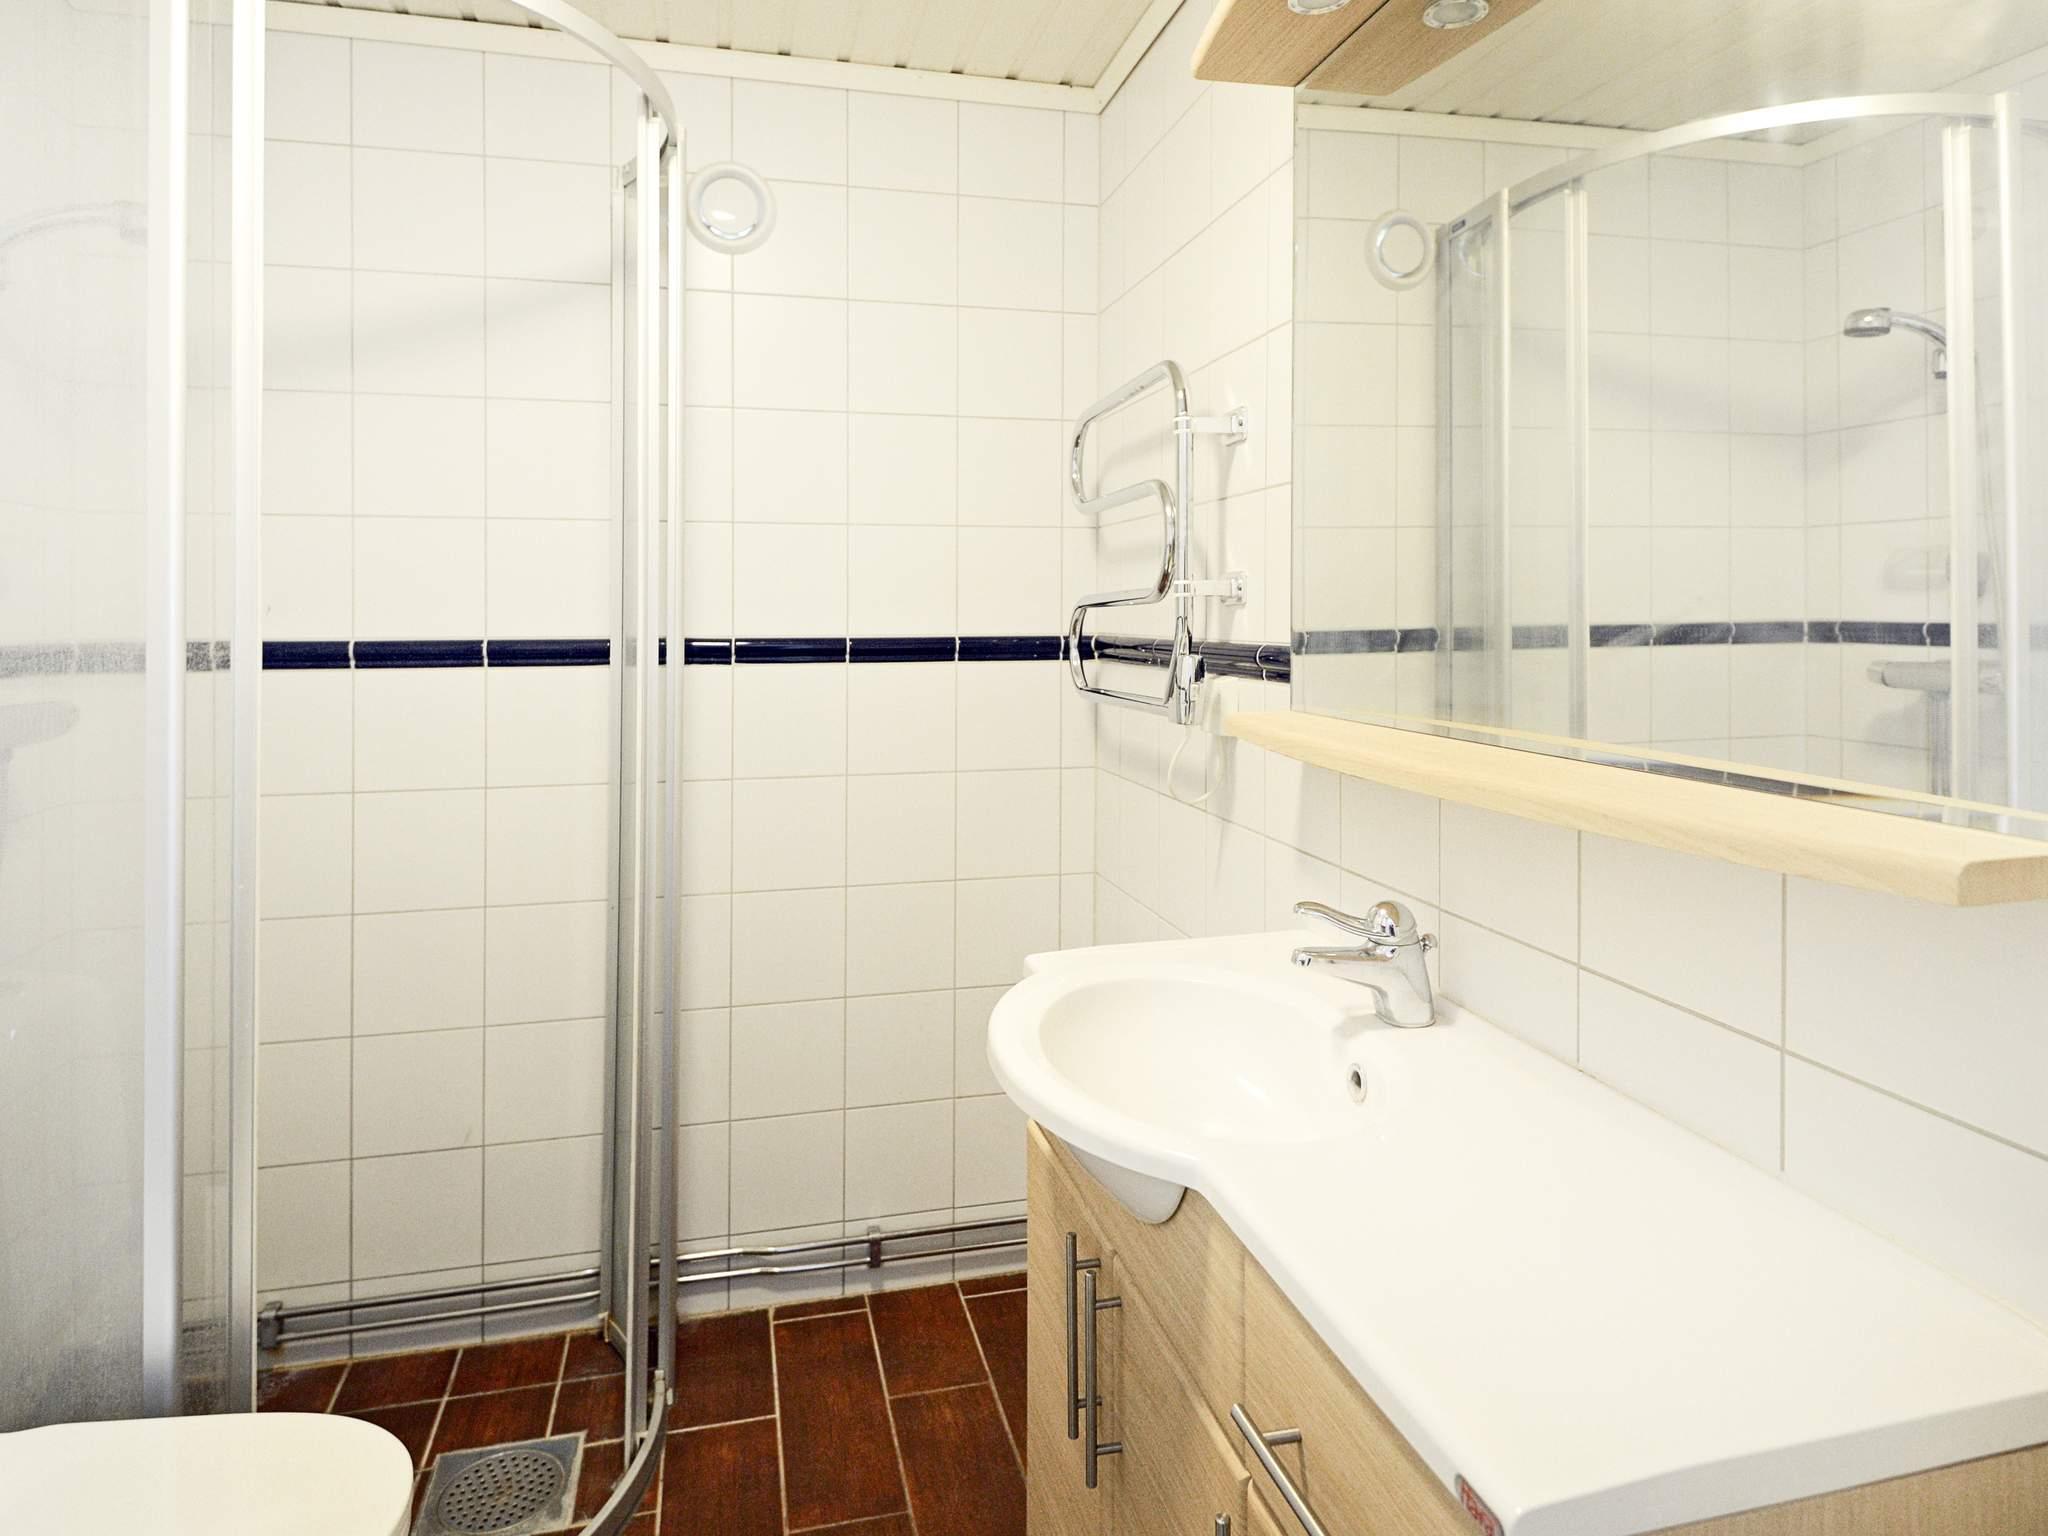 Ferienhaus Strängnäs (93280), Strängnäs, Södermanlands län, Mittelschweden, Schweden, Bild 11